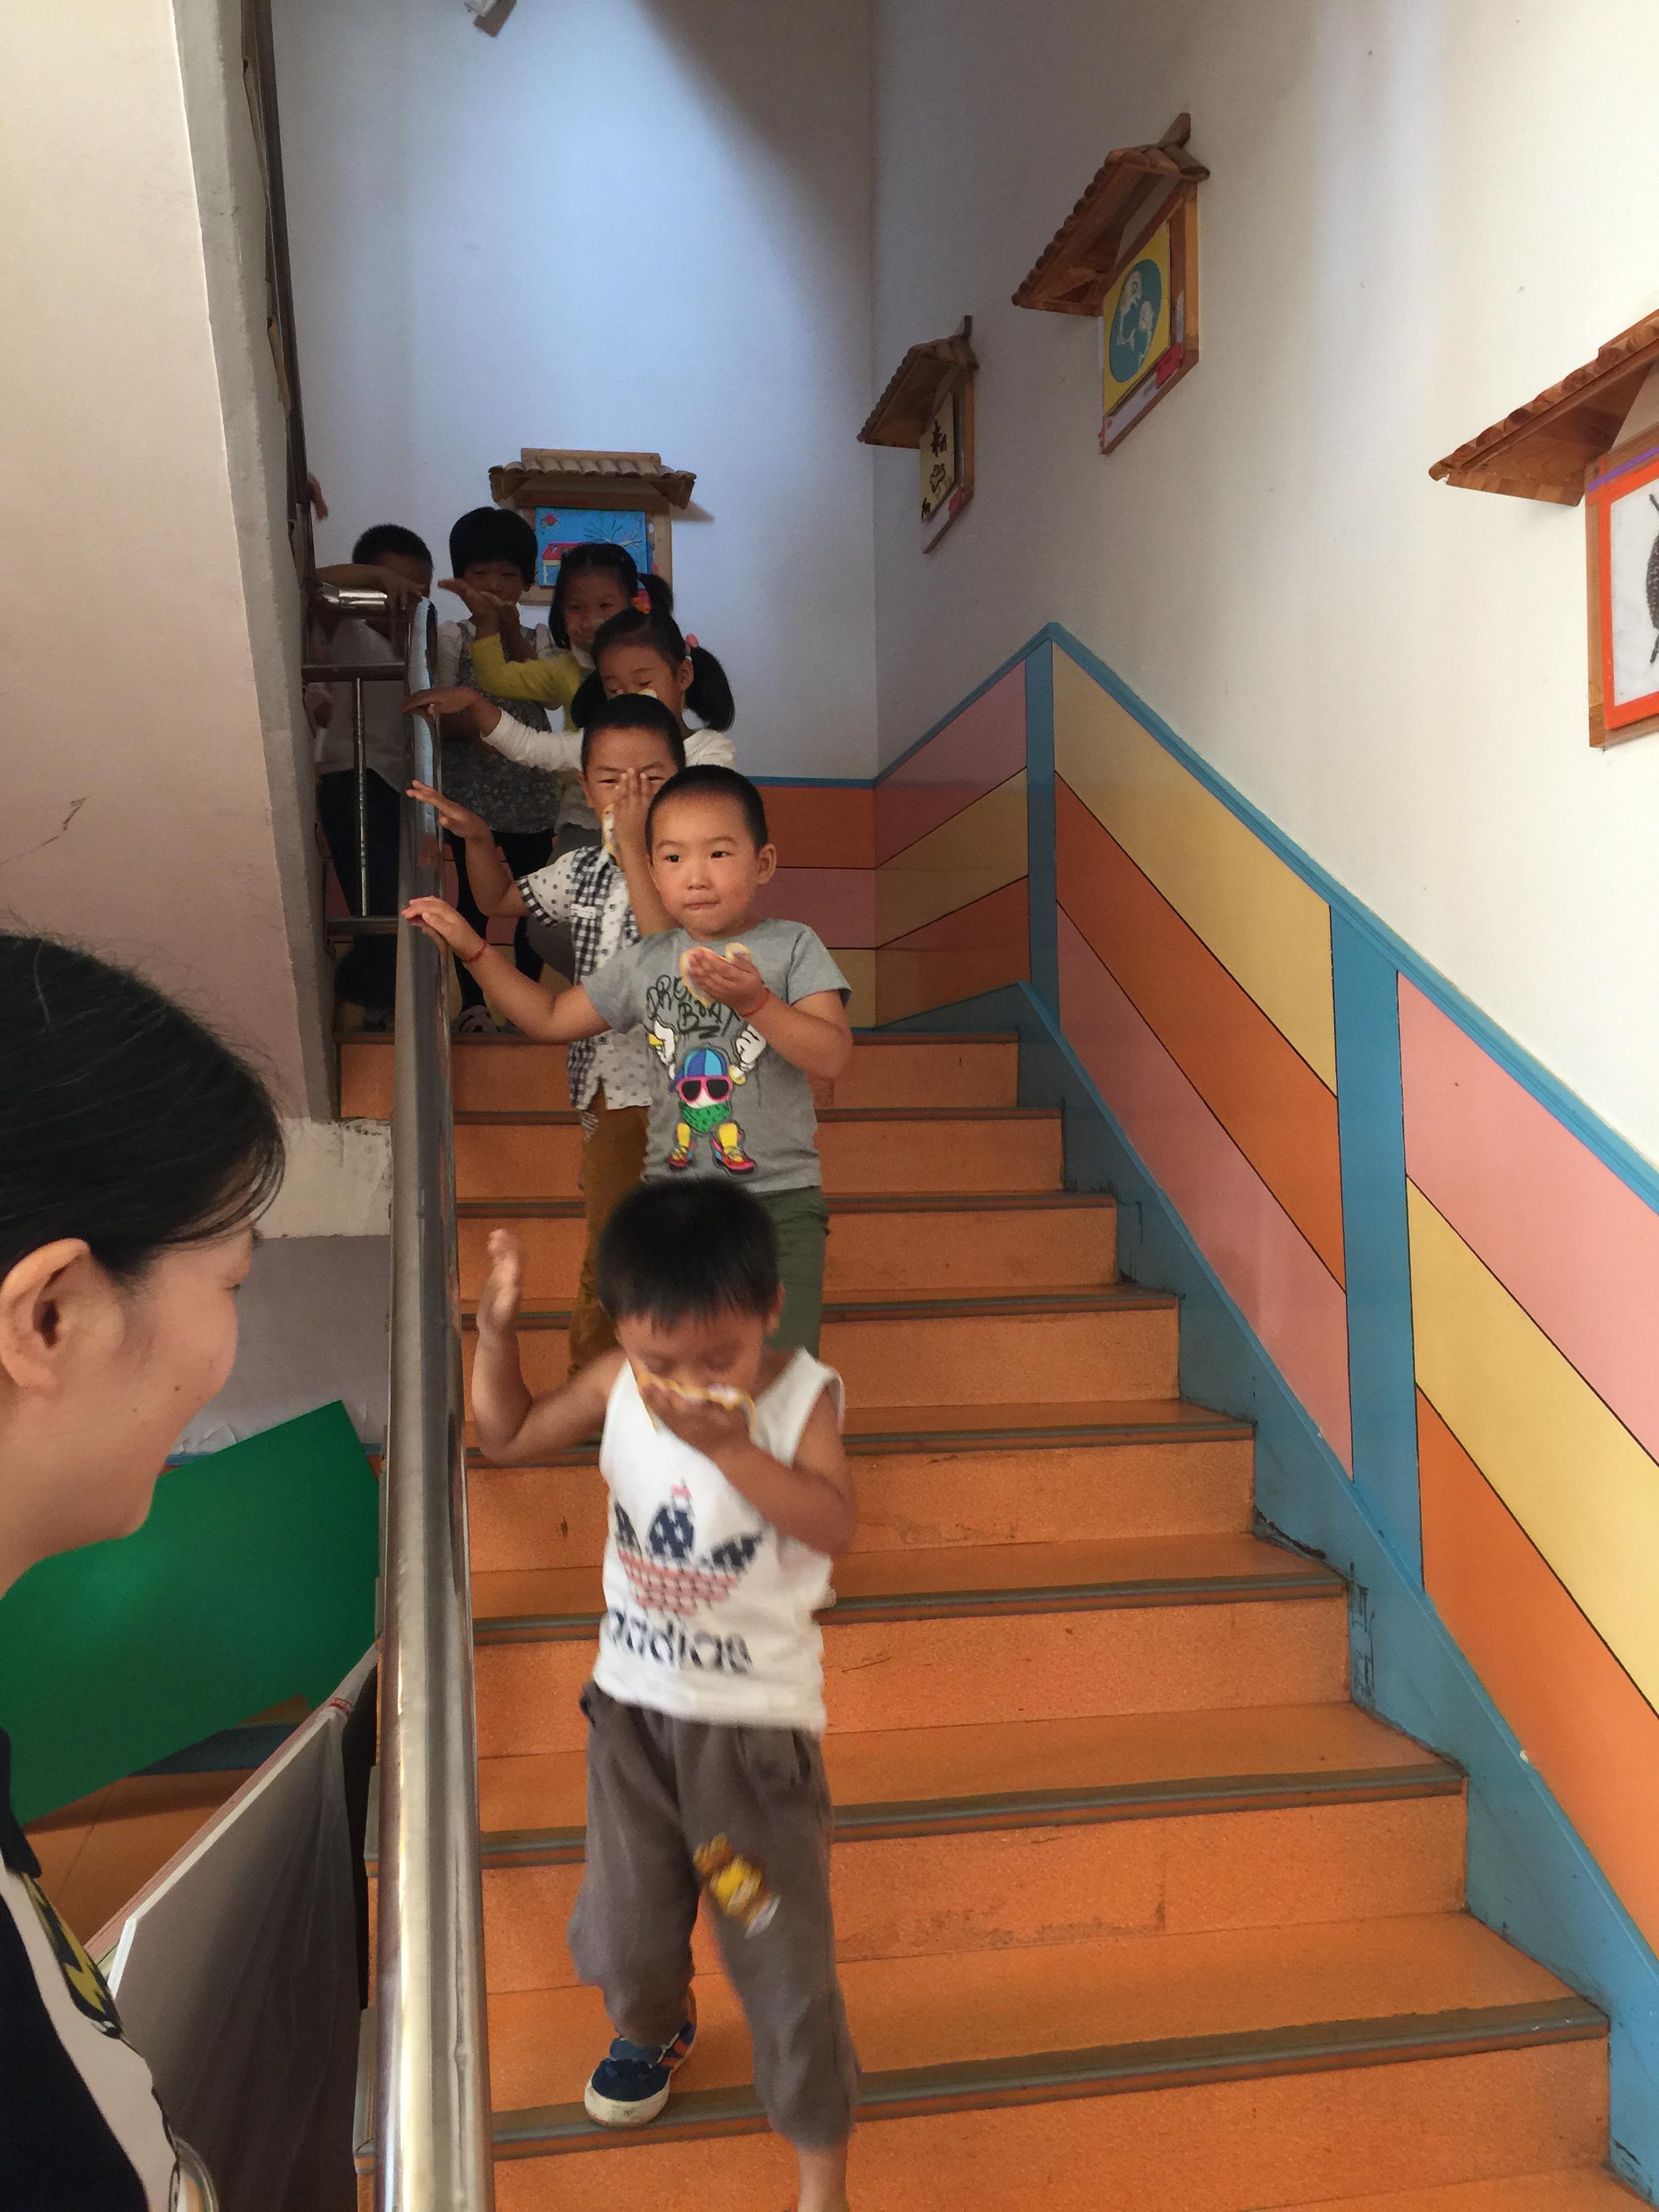 上午8:45分,随着警报铃响,各班孩子们在老师的指导下迅速用小毛巾捂住口鼻,弯下腰,井然有序地按指定路线迅速撤离教室,集中到幼儿园操场上的安全区域,并清点人数,整个疏散活动只用了3分多钟。演习中消防通道畅通,无一幼儿遗漏,无拥挤意外发生。随后,派出所民警对幼儿进行了简短的消防教育,强化了幼儿的消防意识